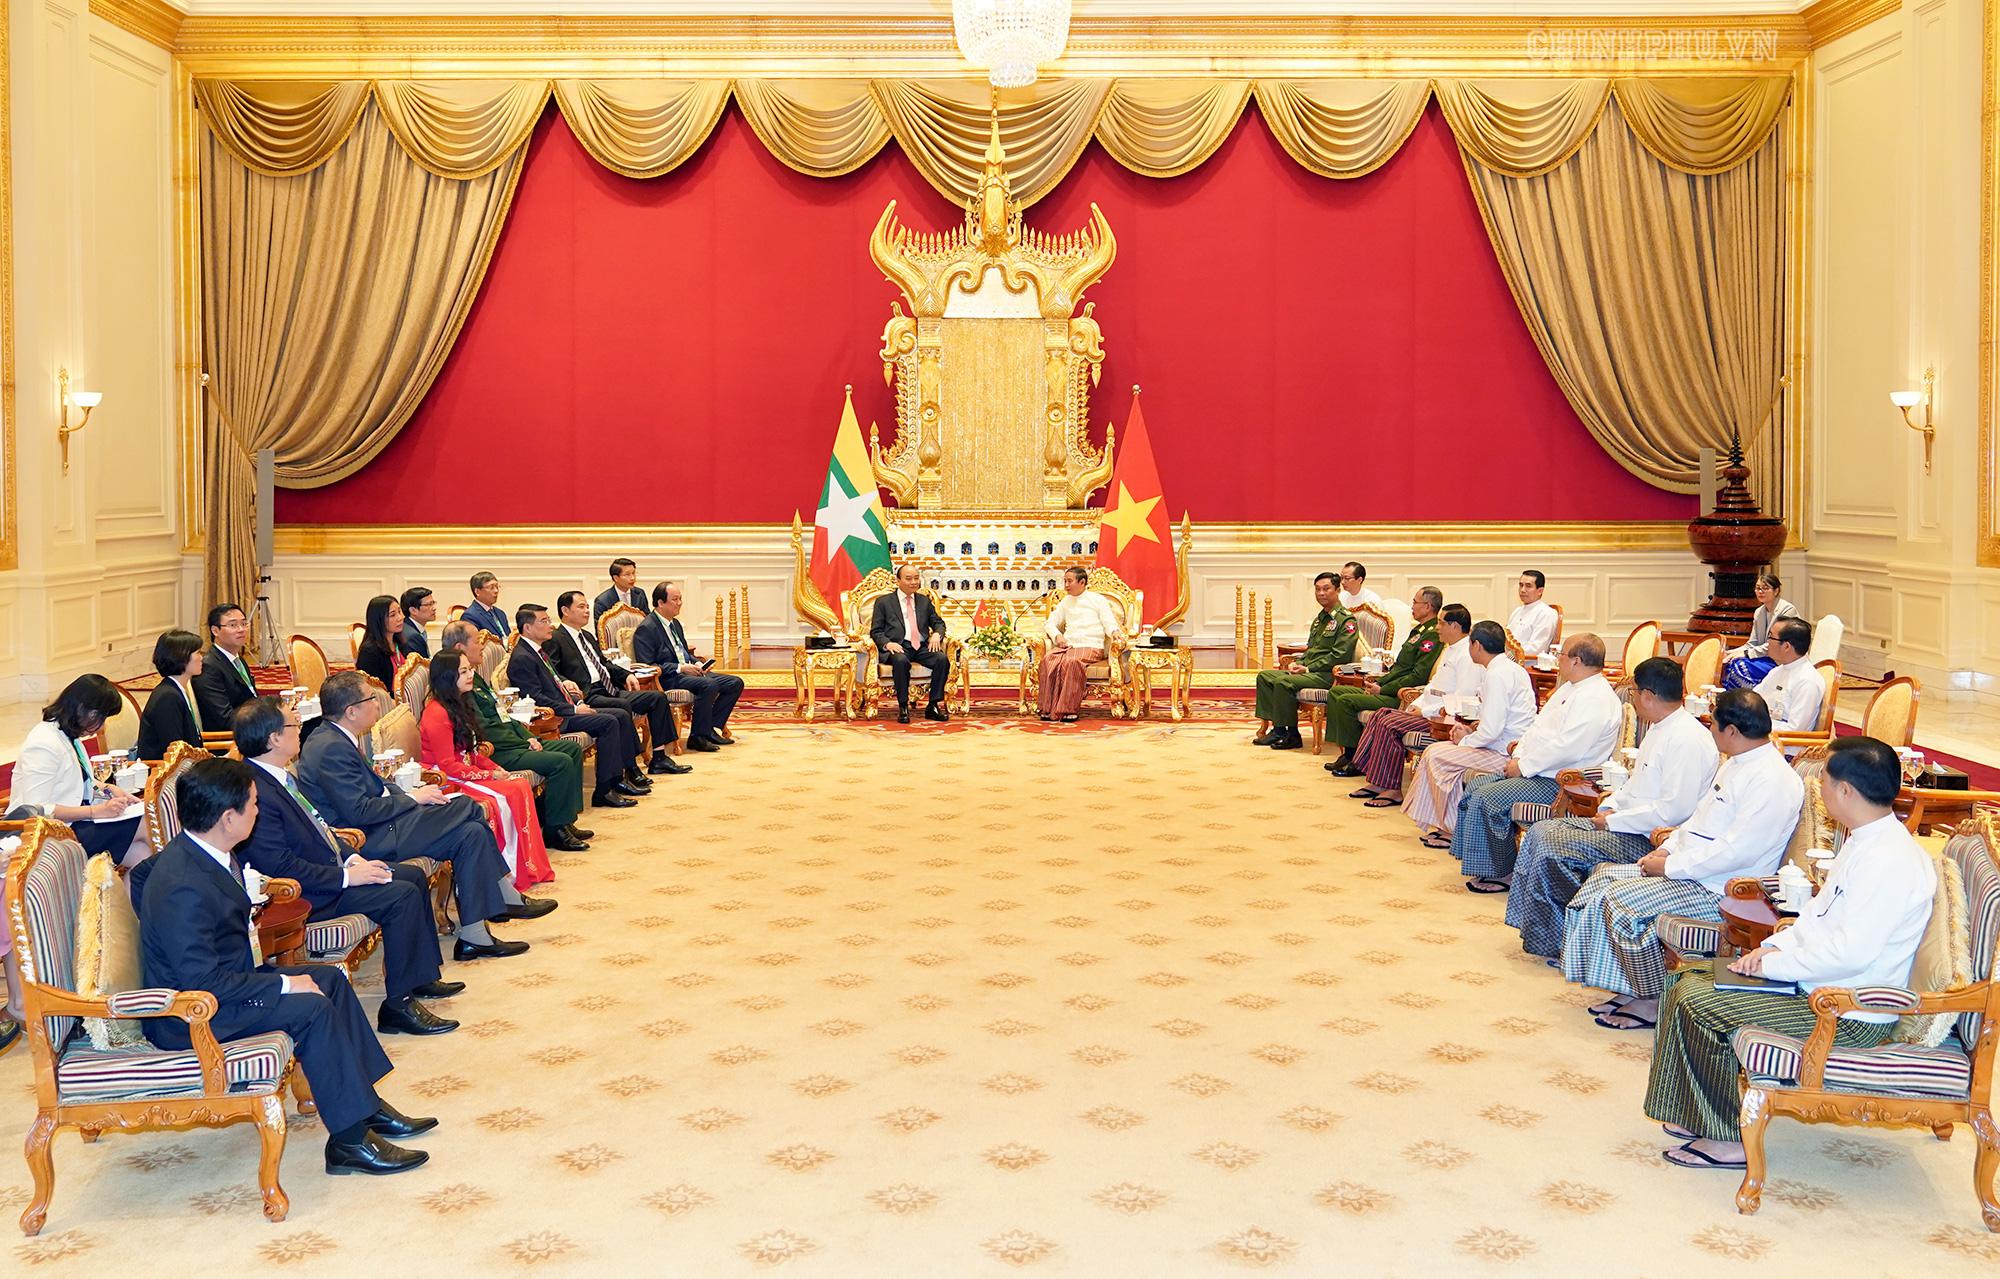 Thủ tướng Nguyễn Xuân Phúc hội kiến với Tổng thống Myanmar - Ảnh 2.